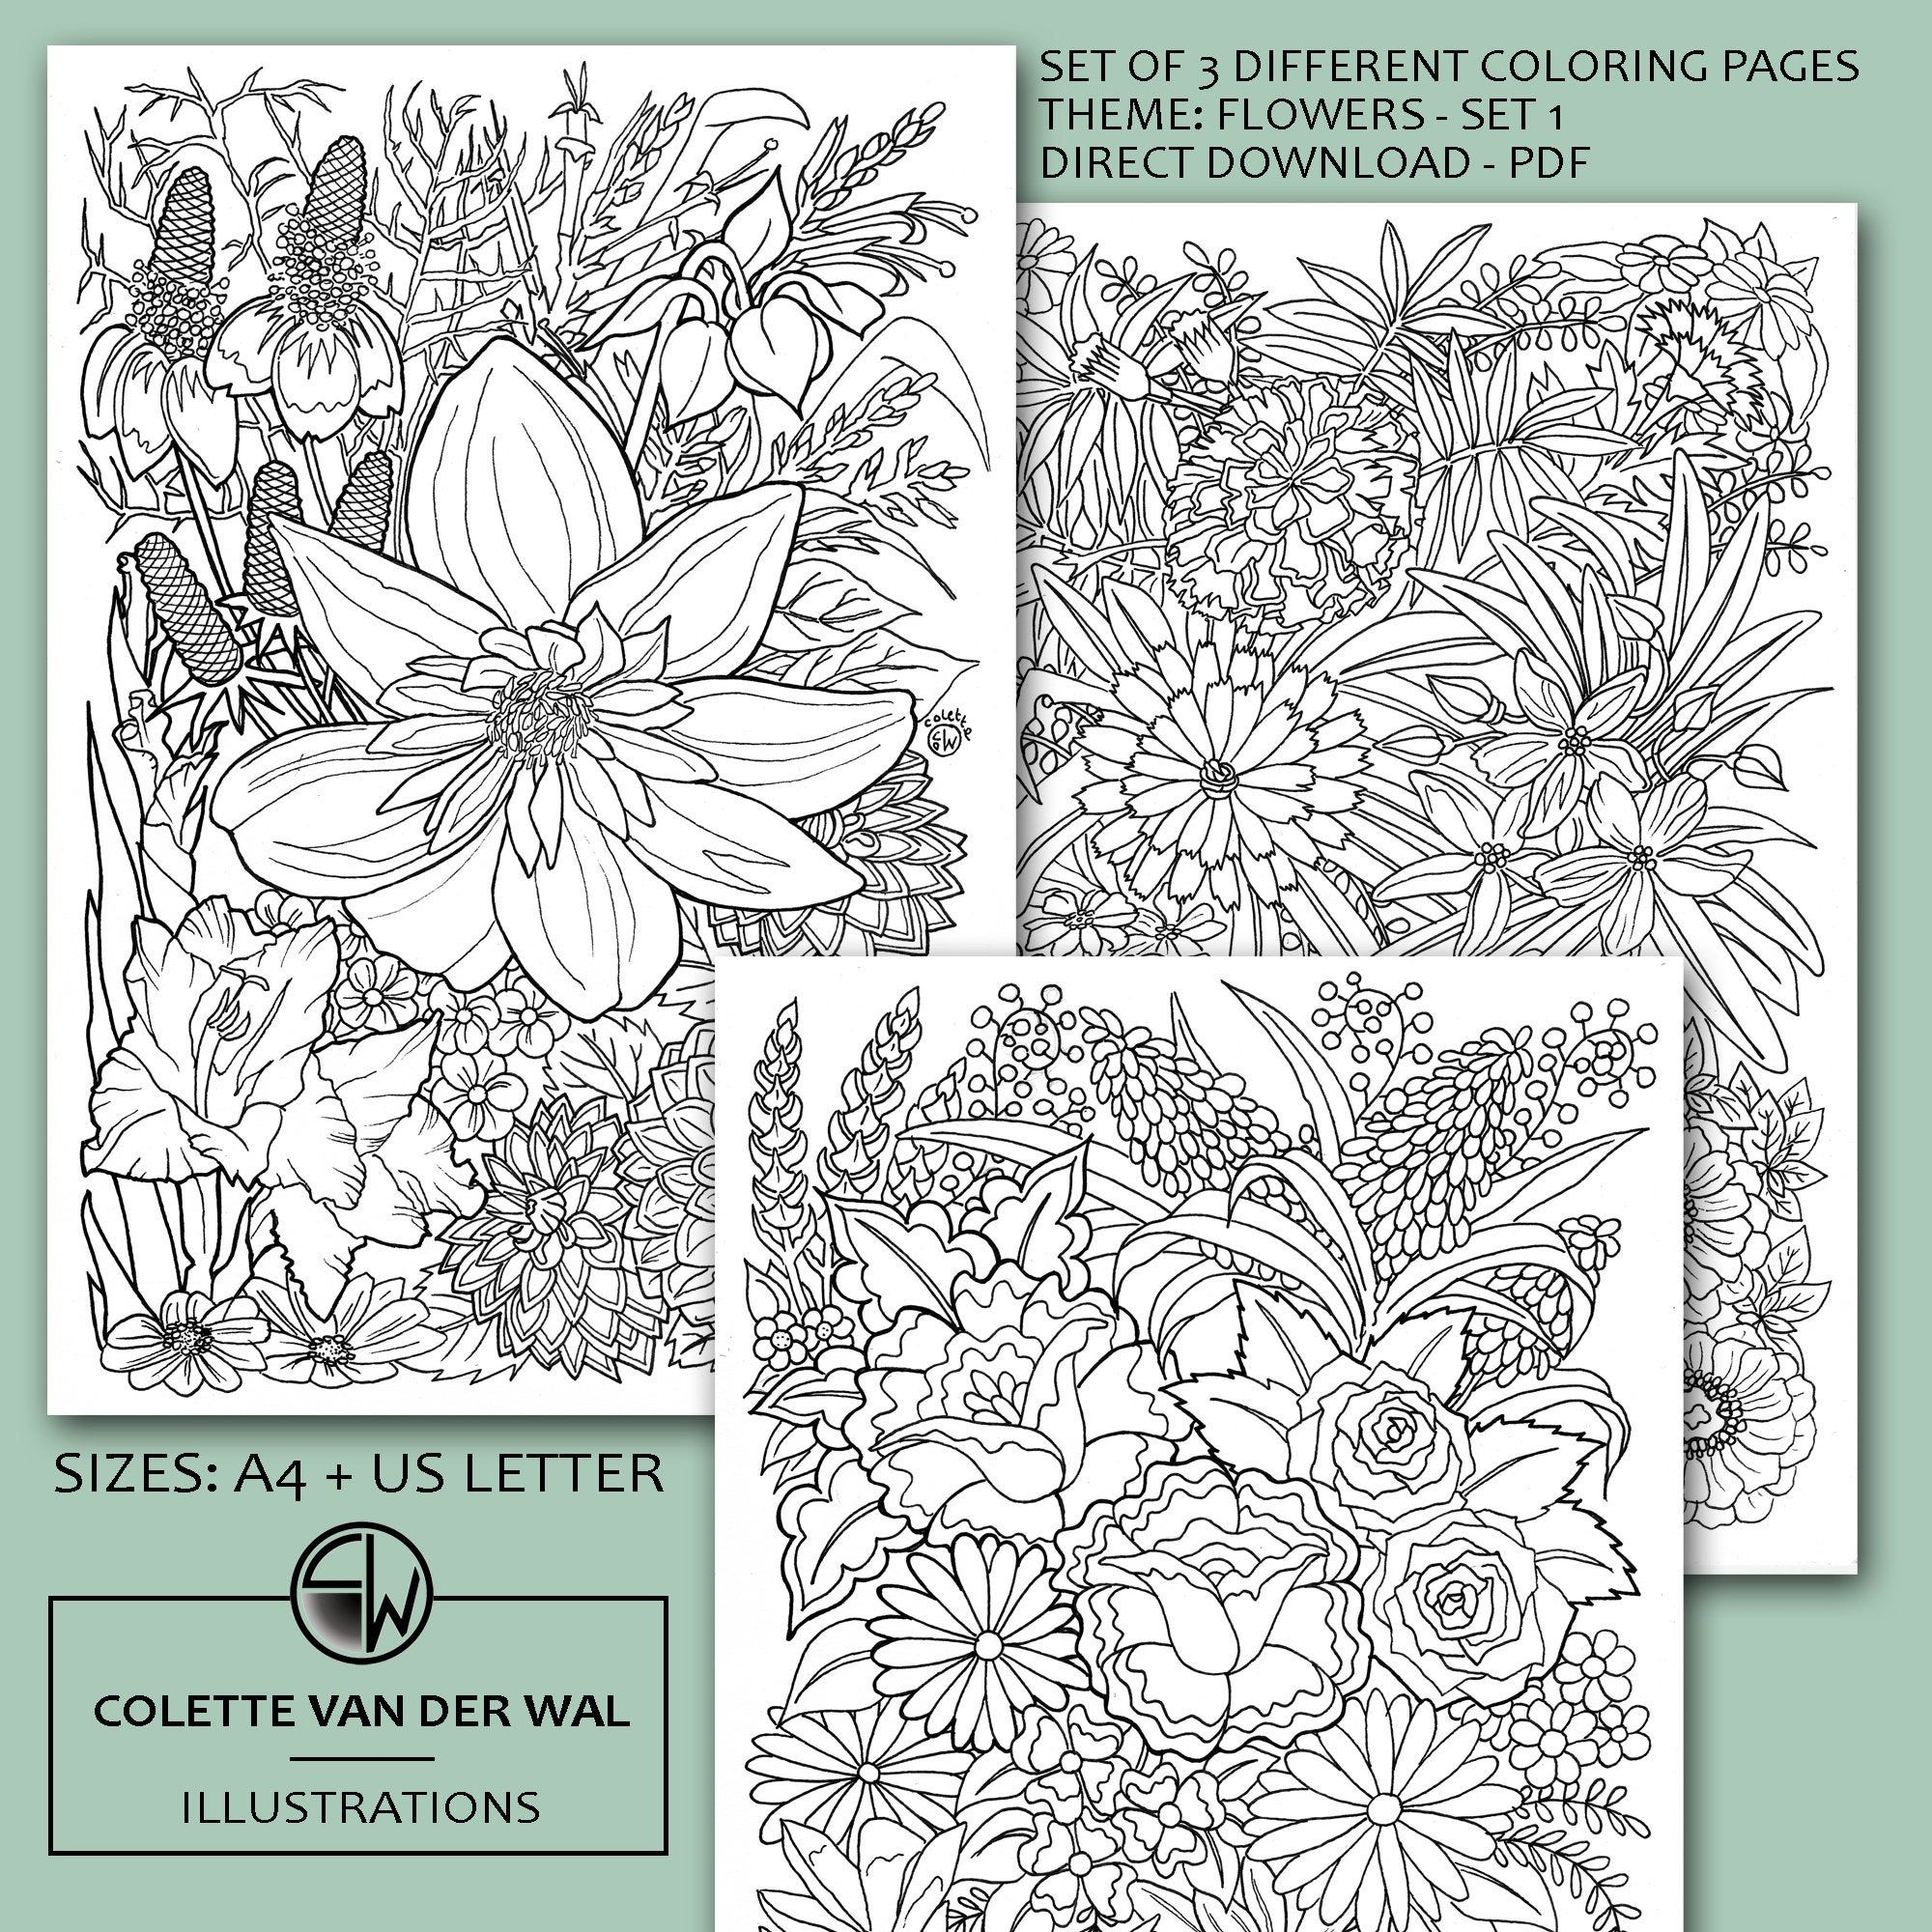 Bloemen Kleurplaten Set 1 Set Van 3 Verschillende Afbeeldingen Handgetekende Illustraties Directe Download Pdf Formaat A4 Usletter Bloemen Kleurplaten Handgetekend Kleurplaten